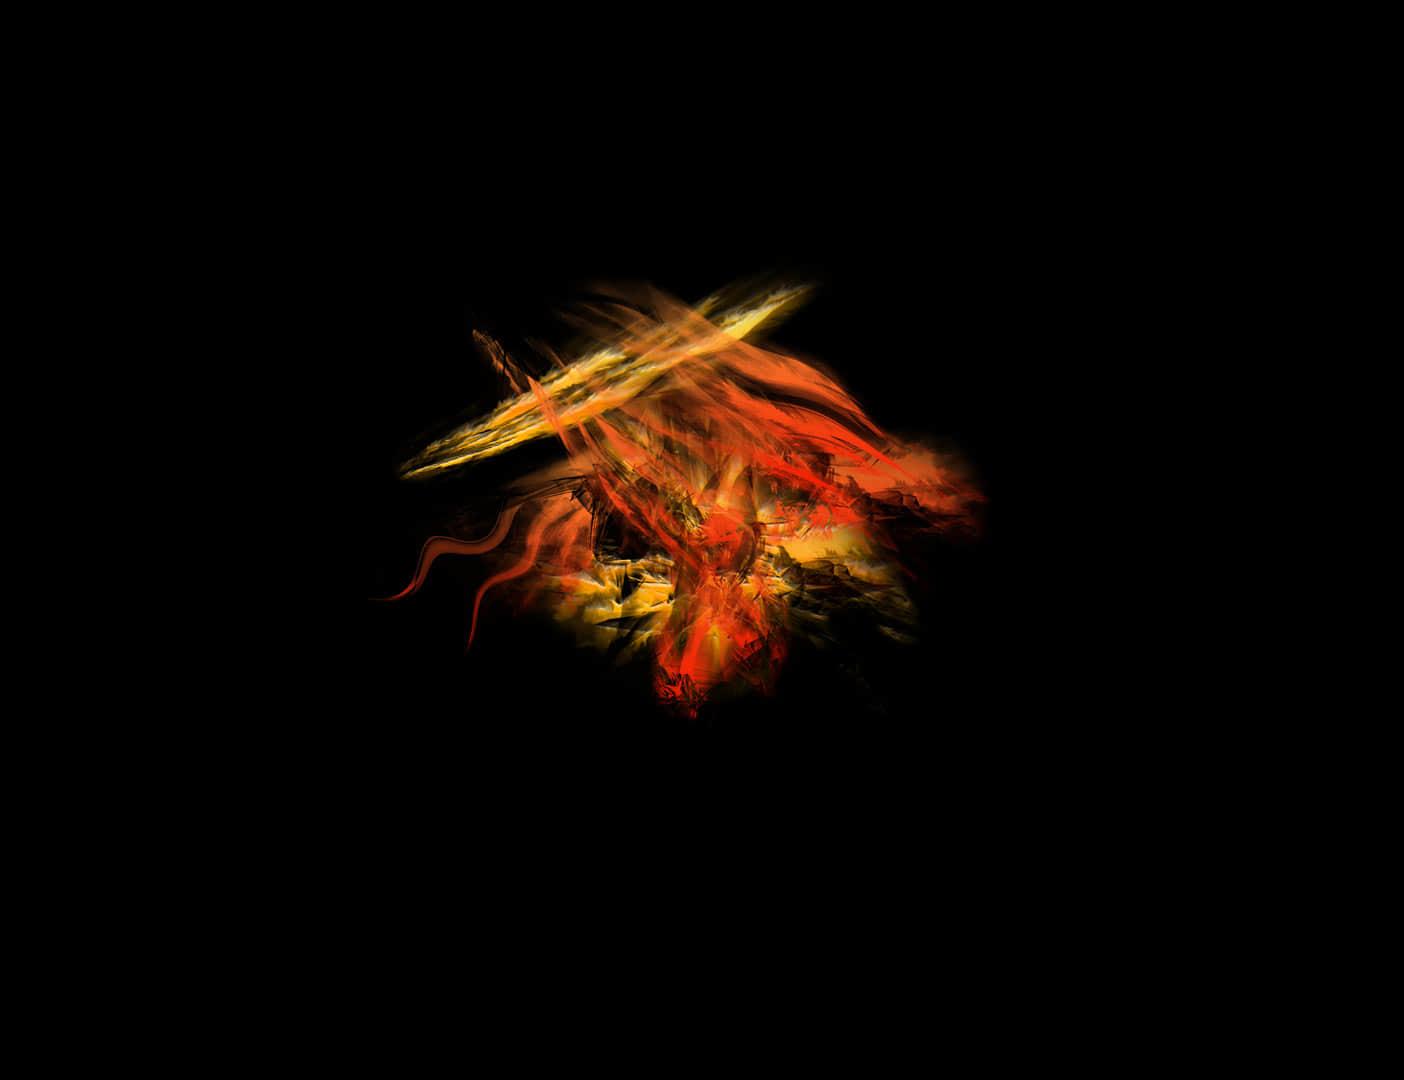 抽象火焰燃烧光影PS笔刷下载